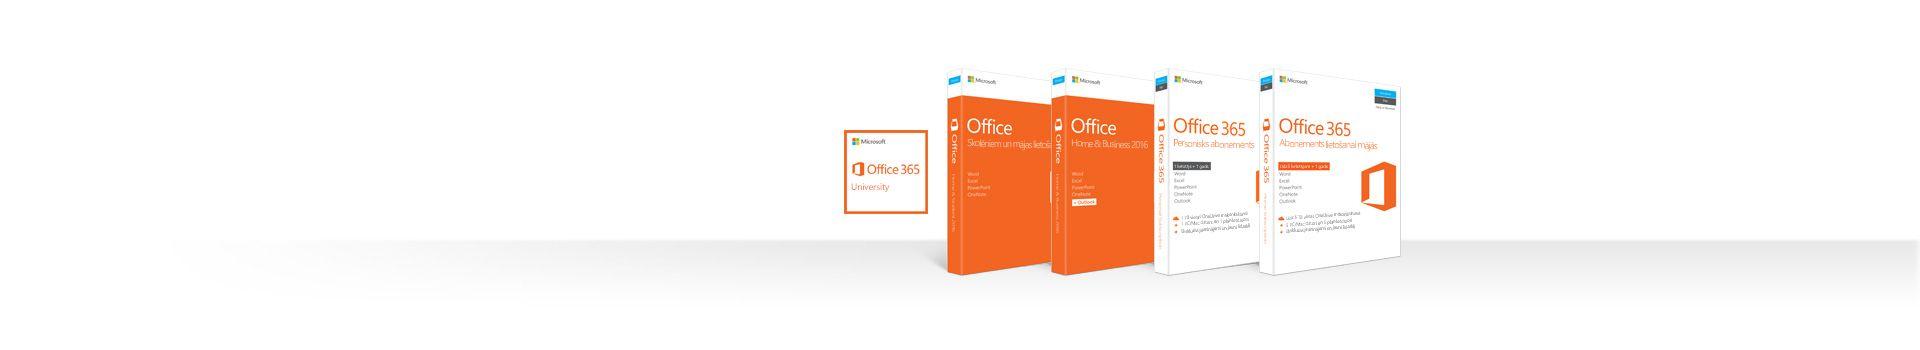 Kastīšu virkne, kas attēlo Office abonementu un atsevišķos produktus Mac datoriem